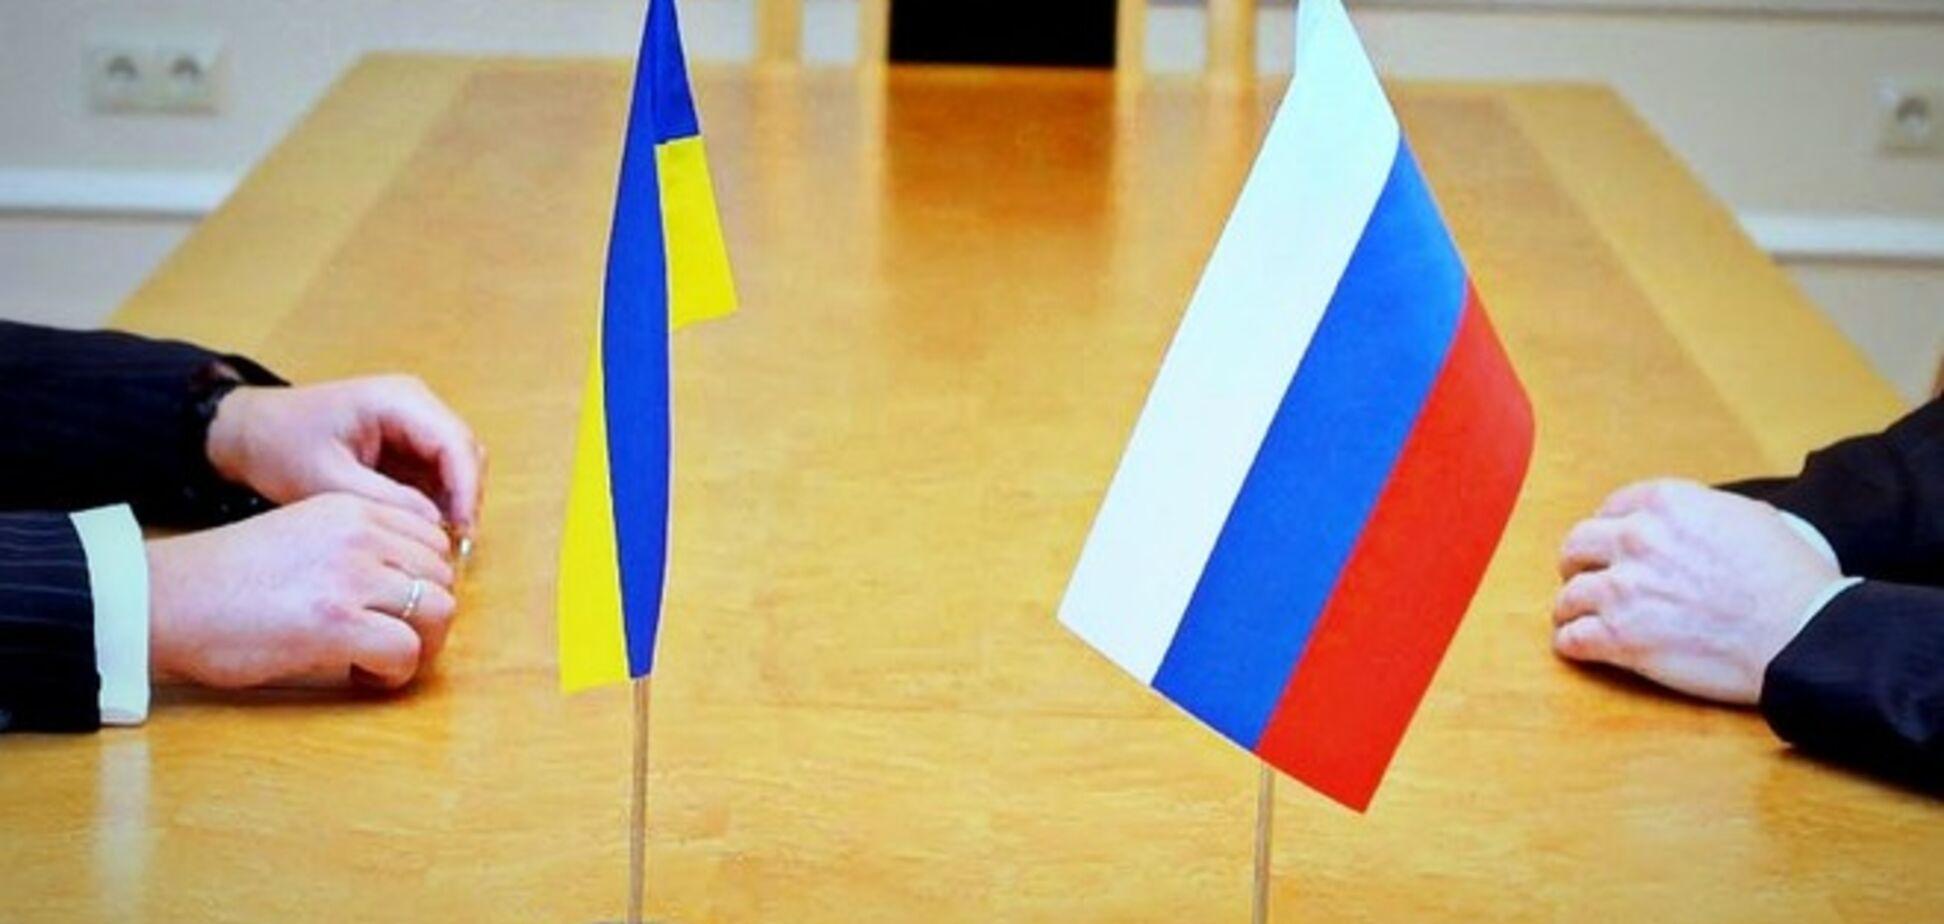 Как мы будем жить после того, что натворили в Украине?